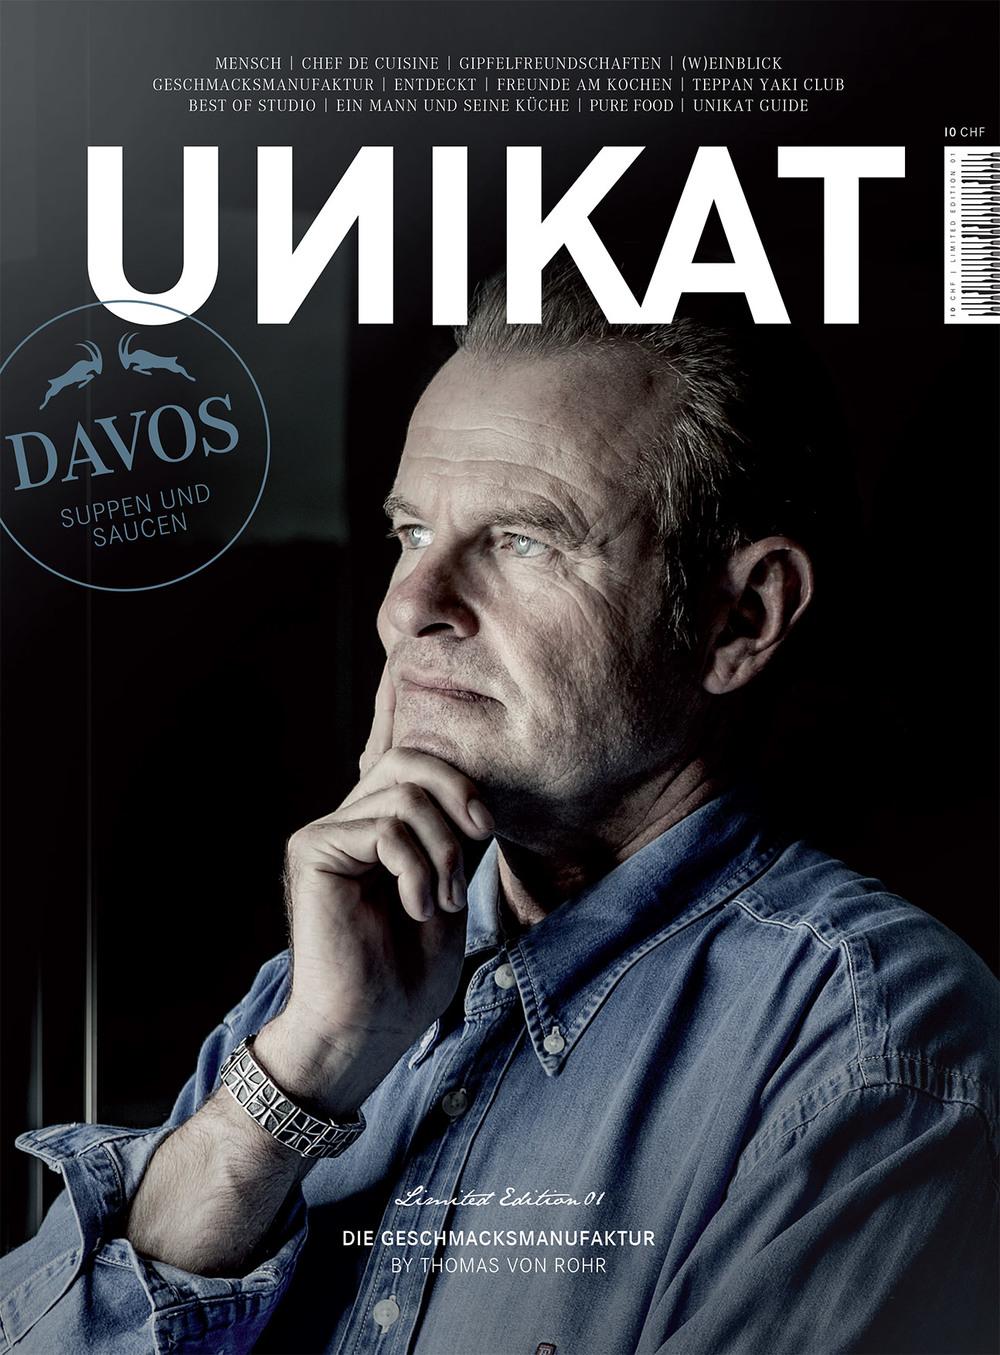 whitehouse-unikat-magazin-1-davos